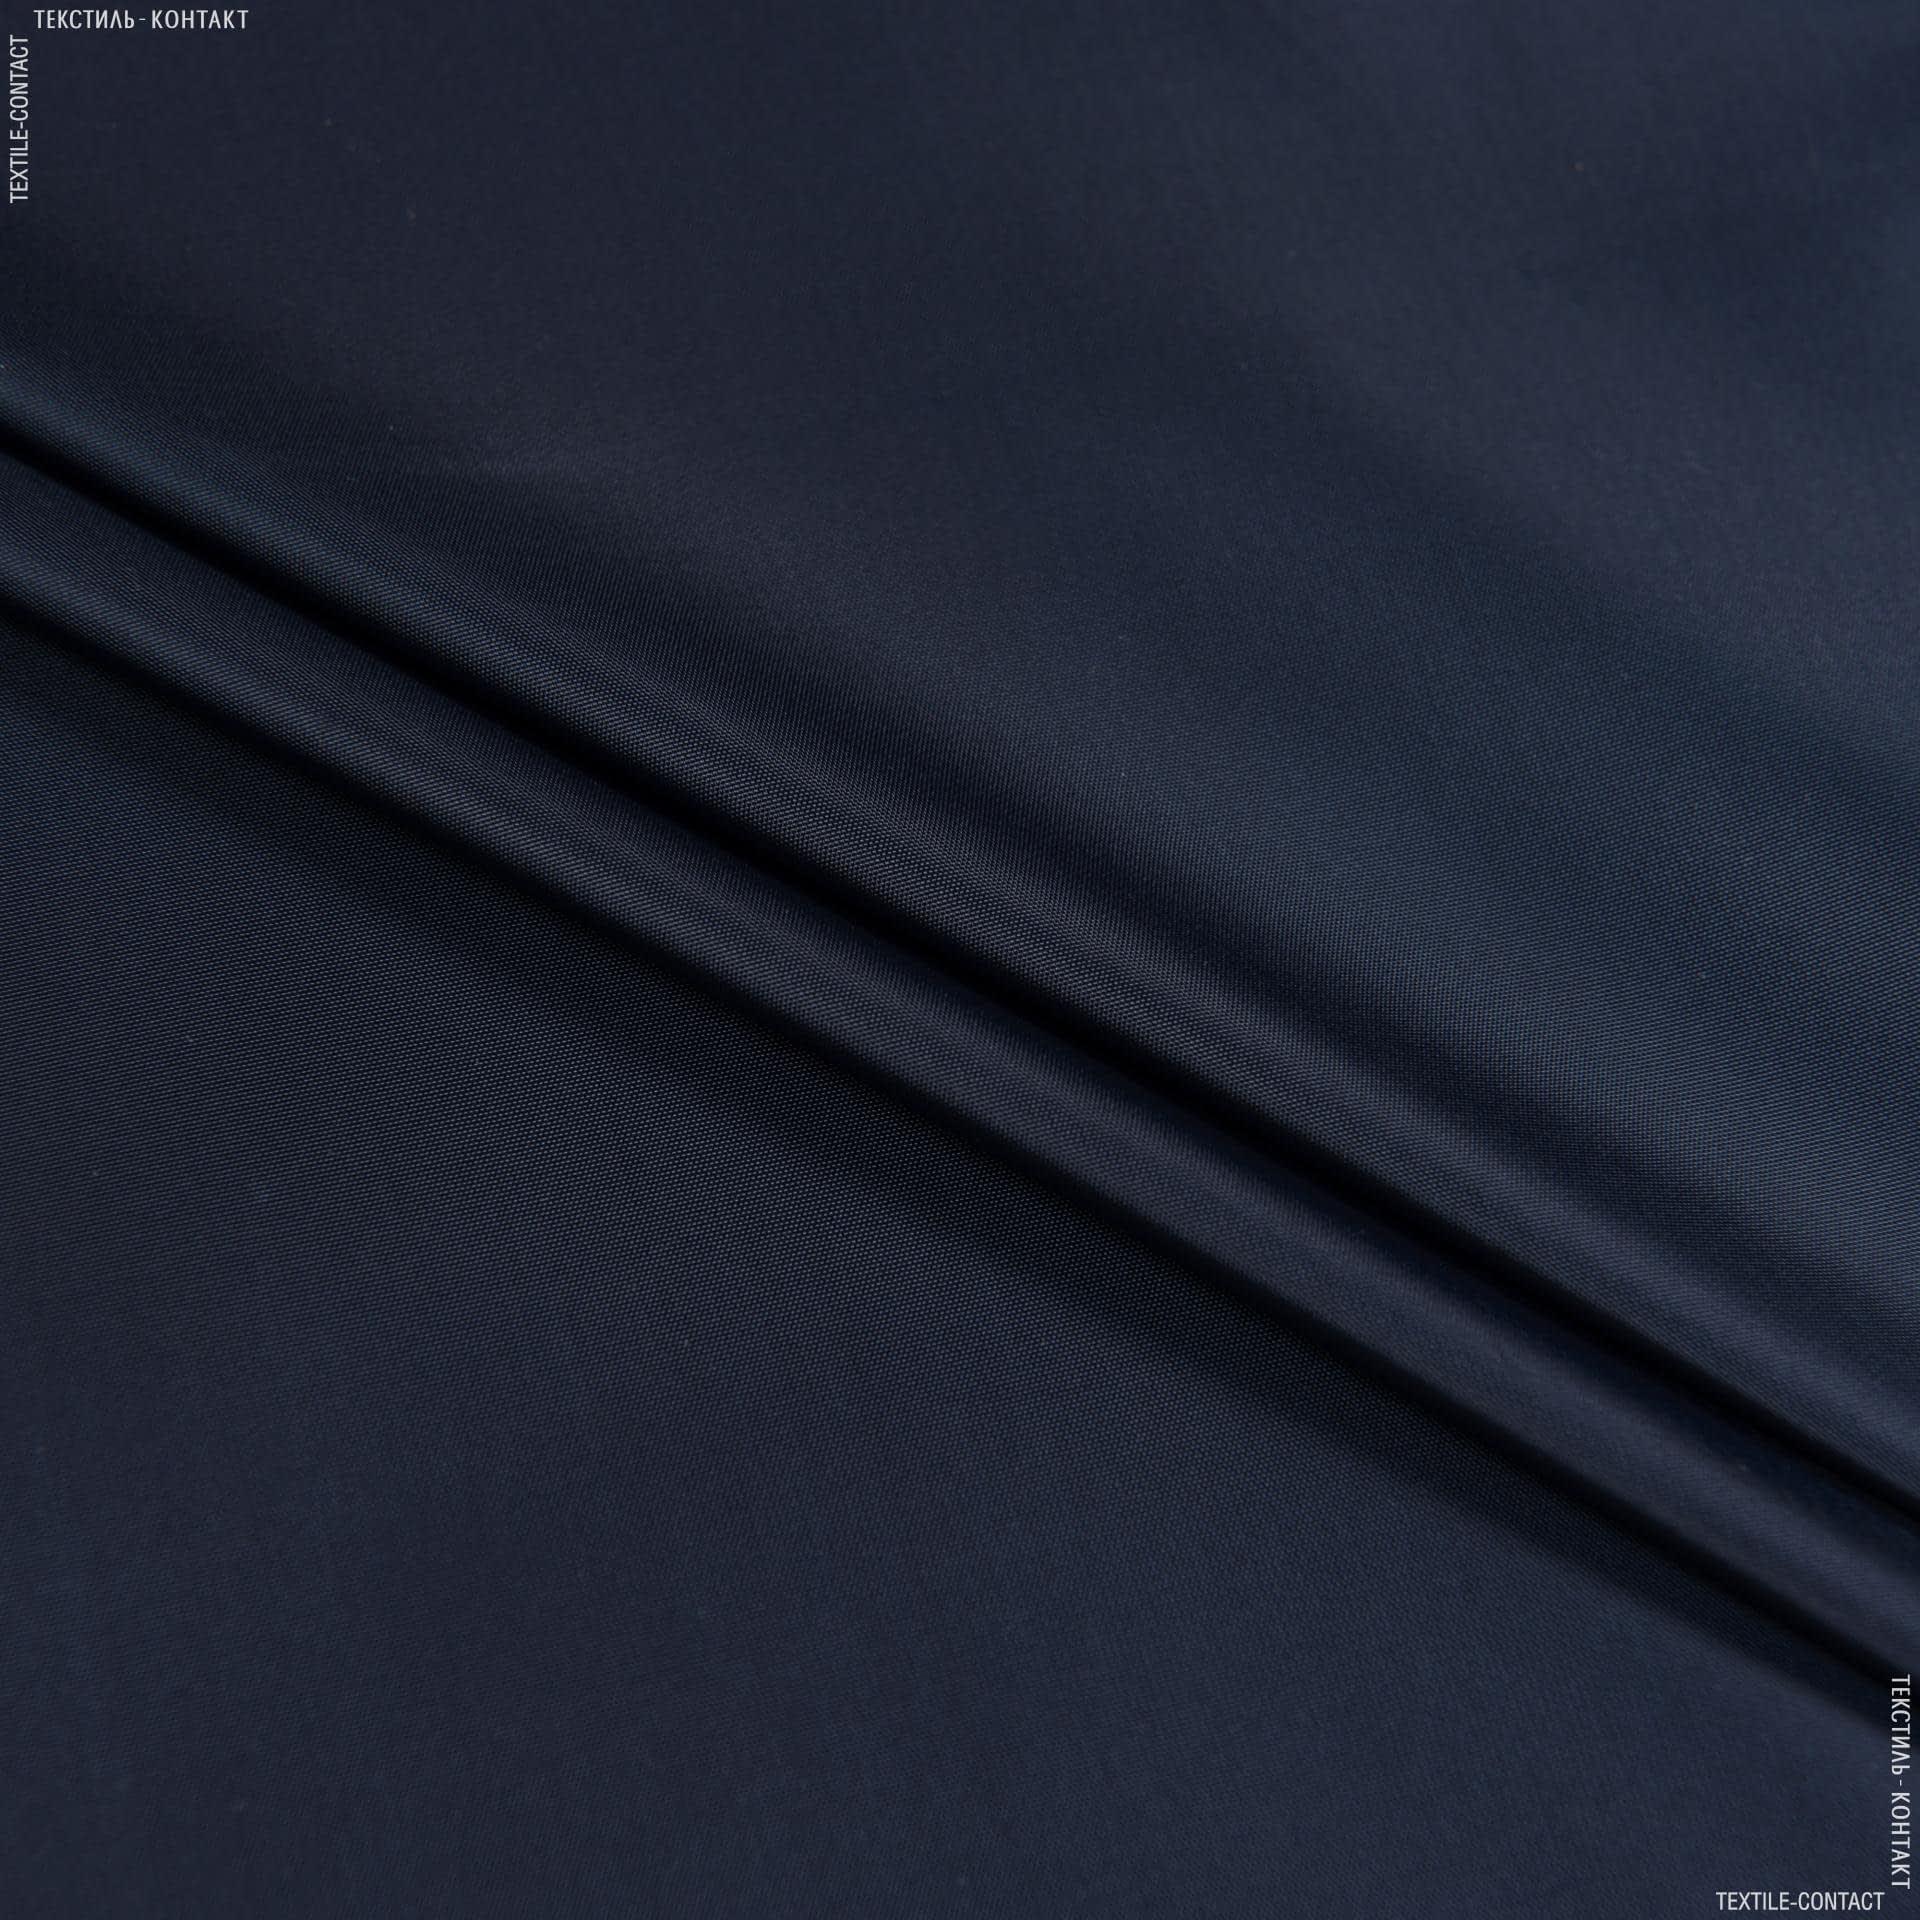 Тканини для верхнього одягу - Віва плащова темно-синій